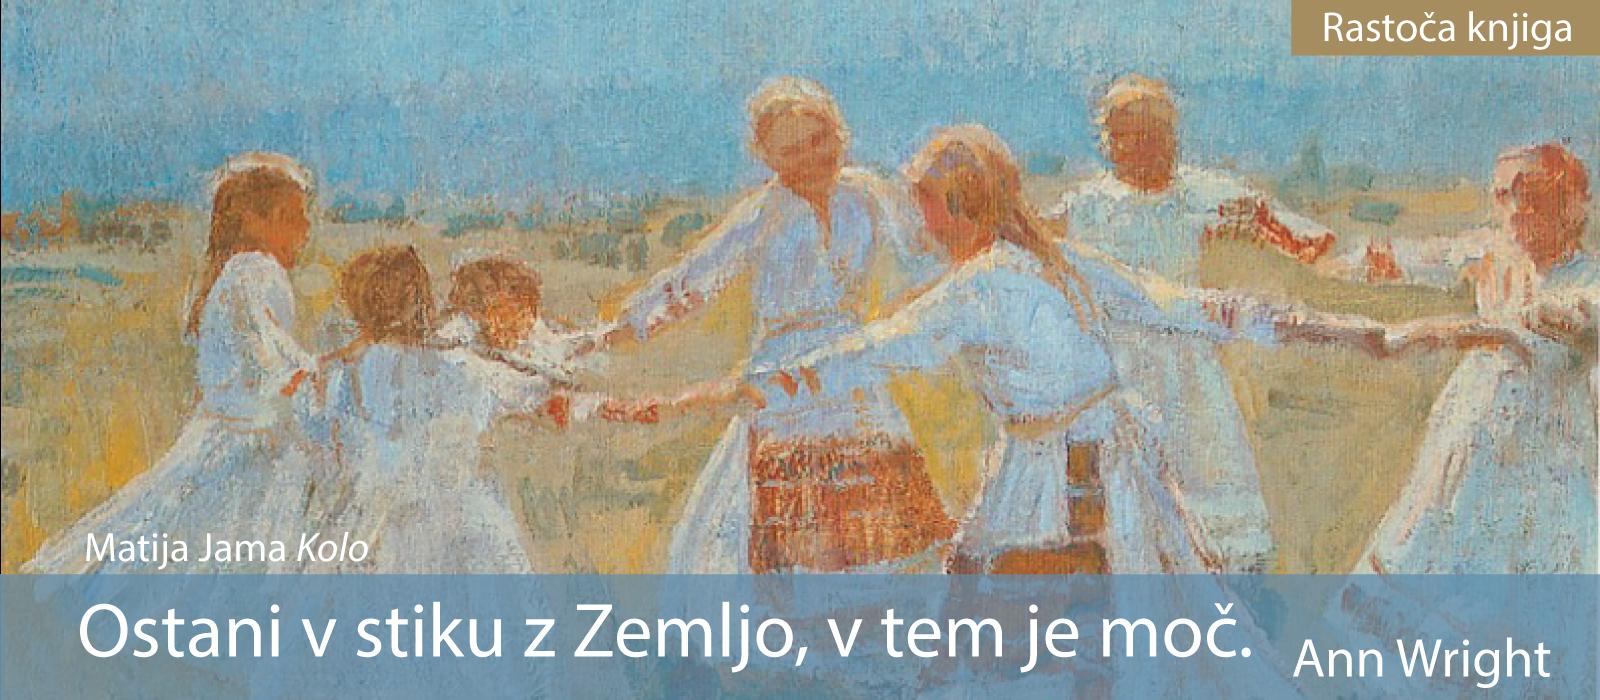 rastoča-knjiga-oktober